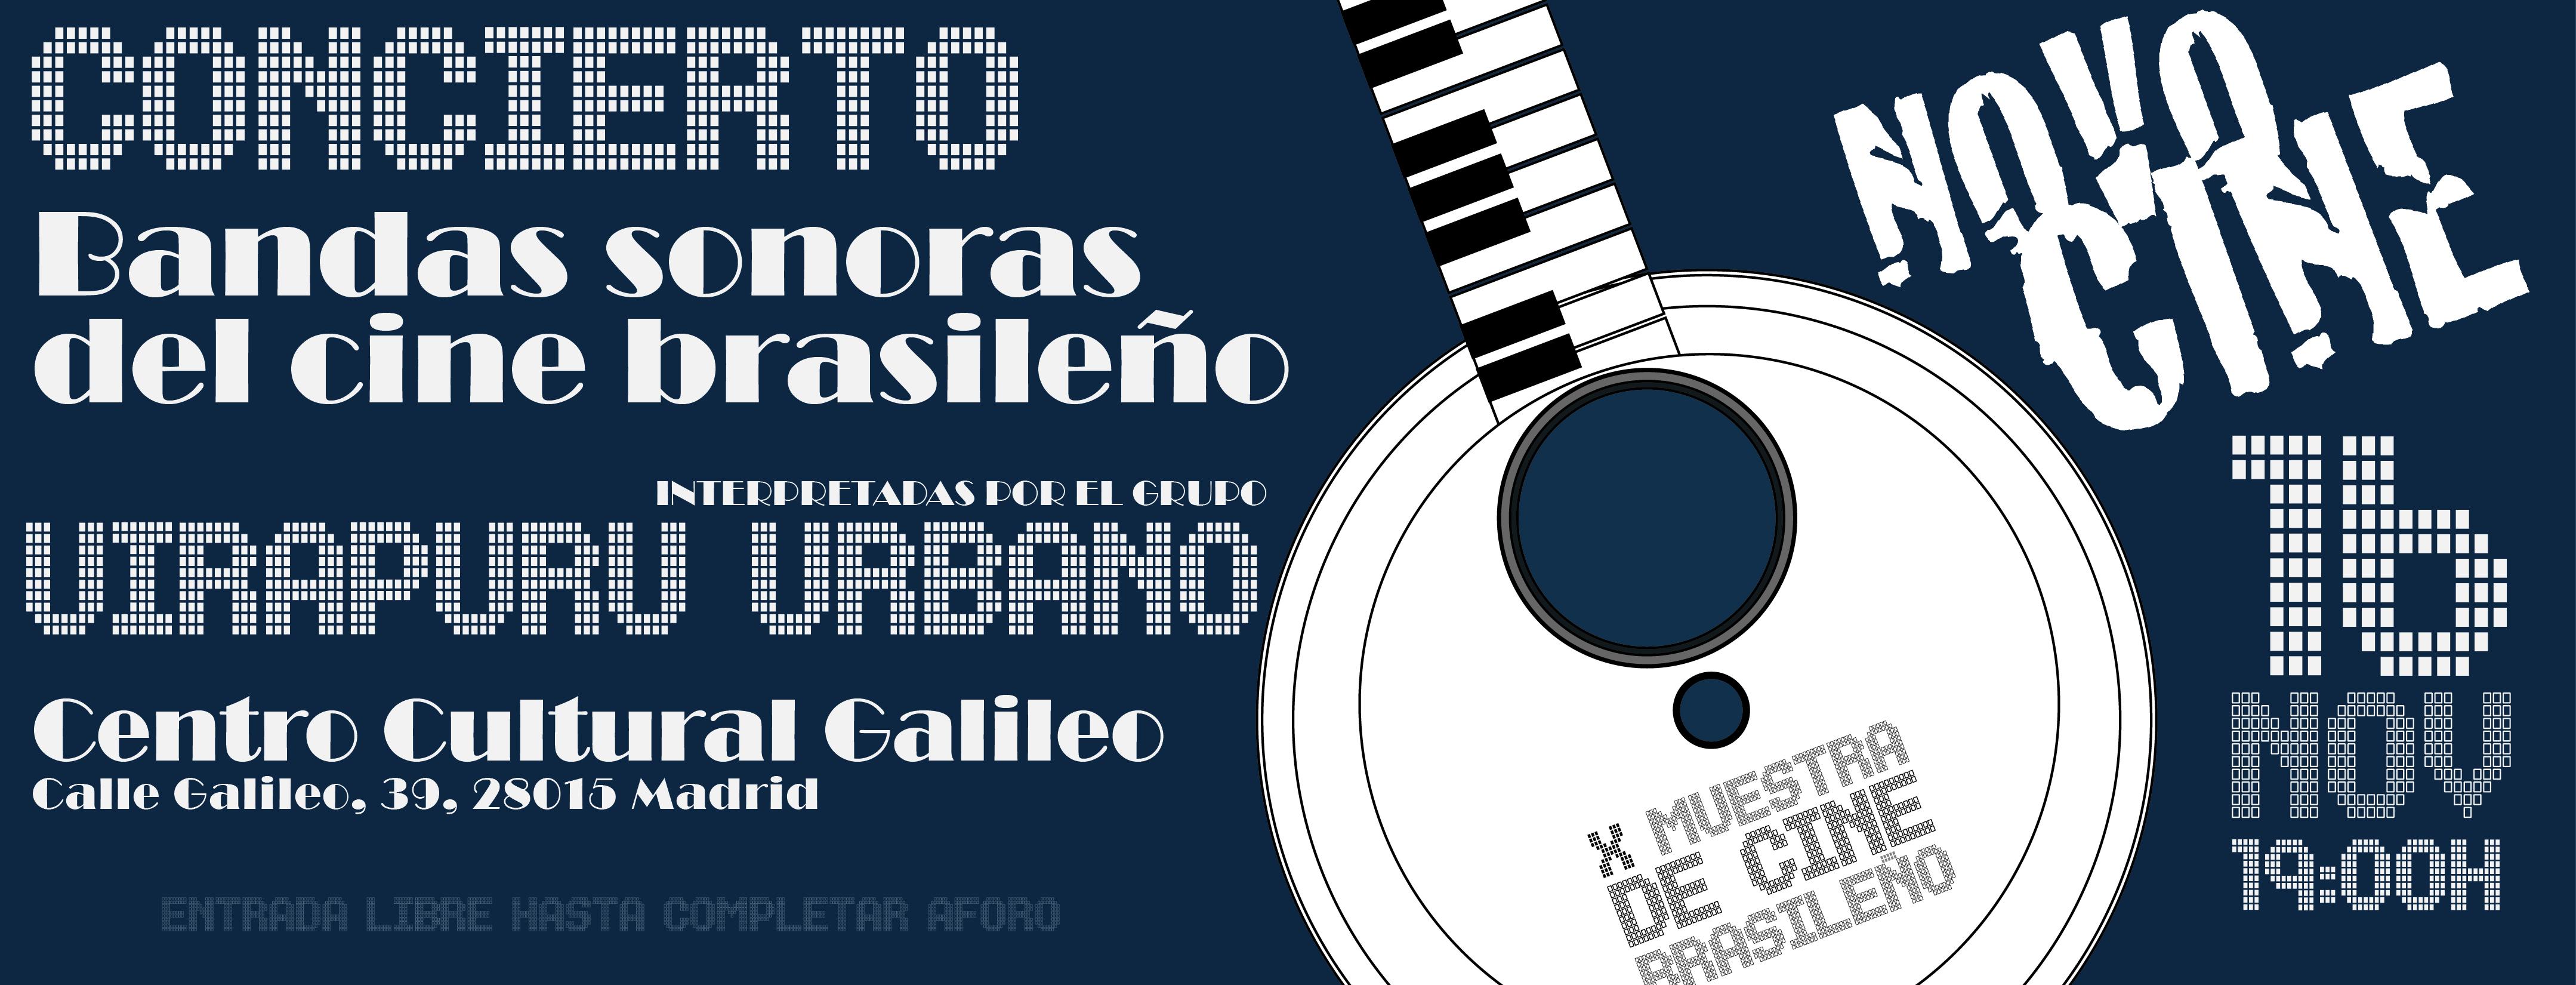 """16 de noviembre: Concierto """"Bandas sonoras del cine brasileño"""" en NOVOCINE"""